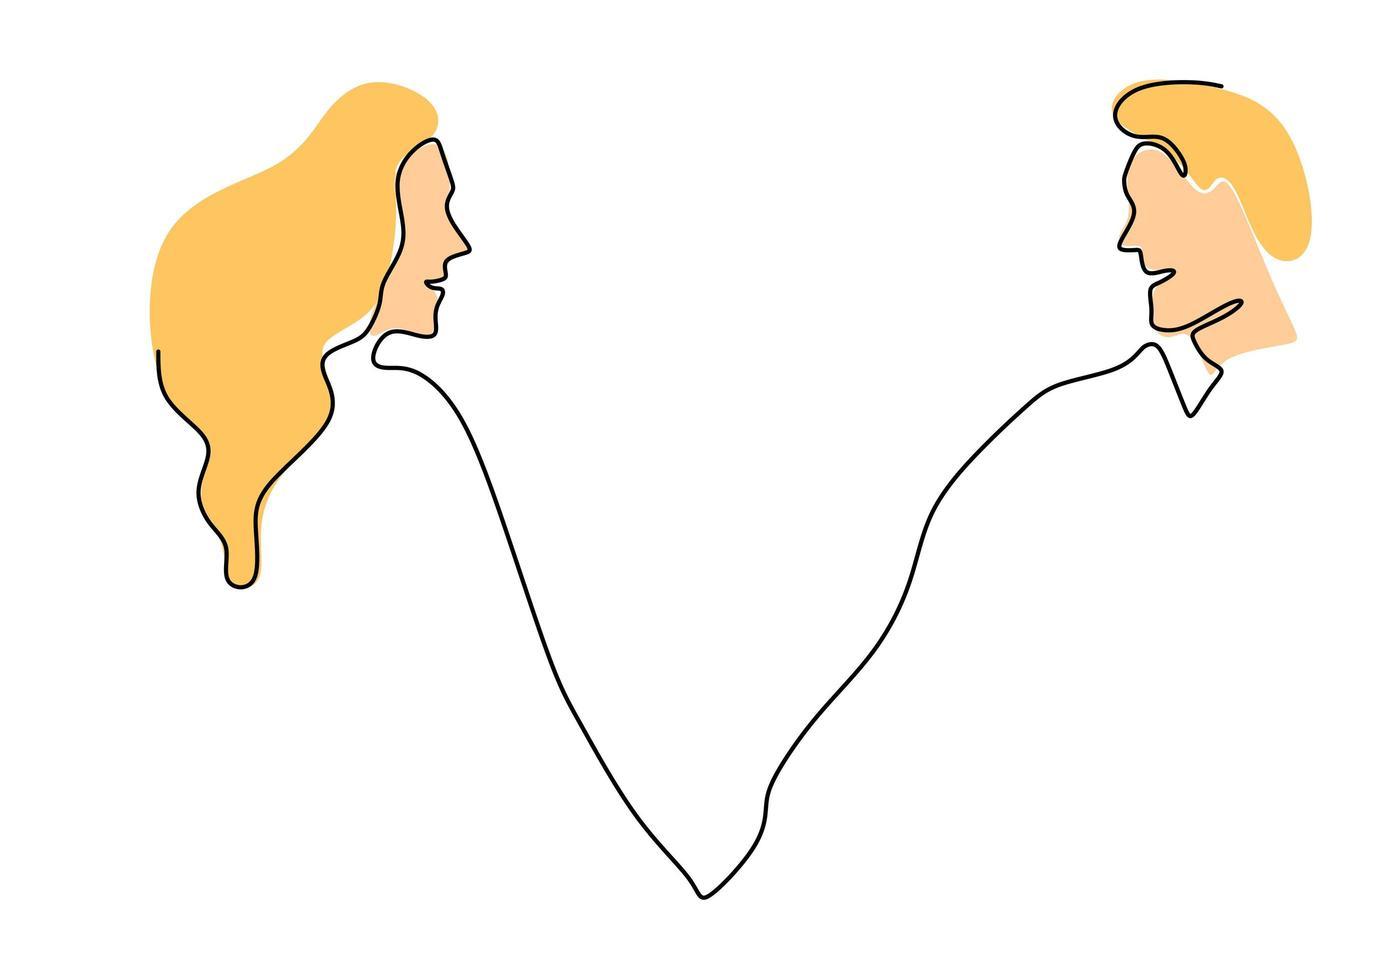 één regel paar minimalisme. vector illustratie romantiek en relatie.